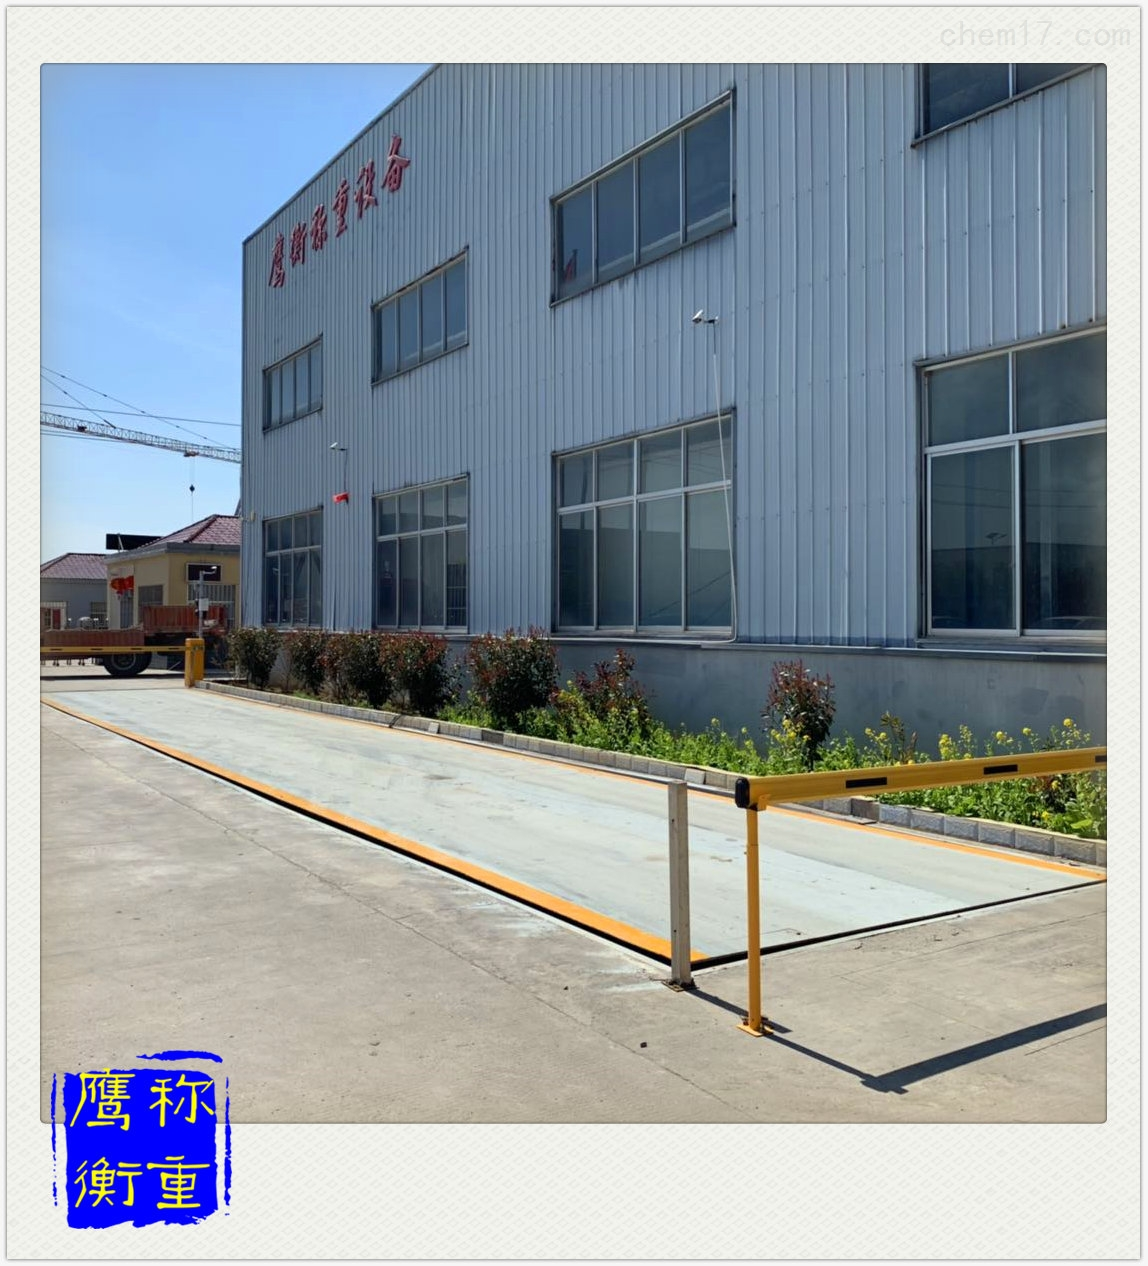 镇江电子地磅生产厂家介绍